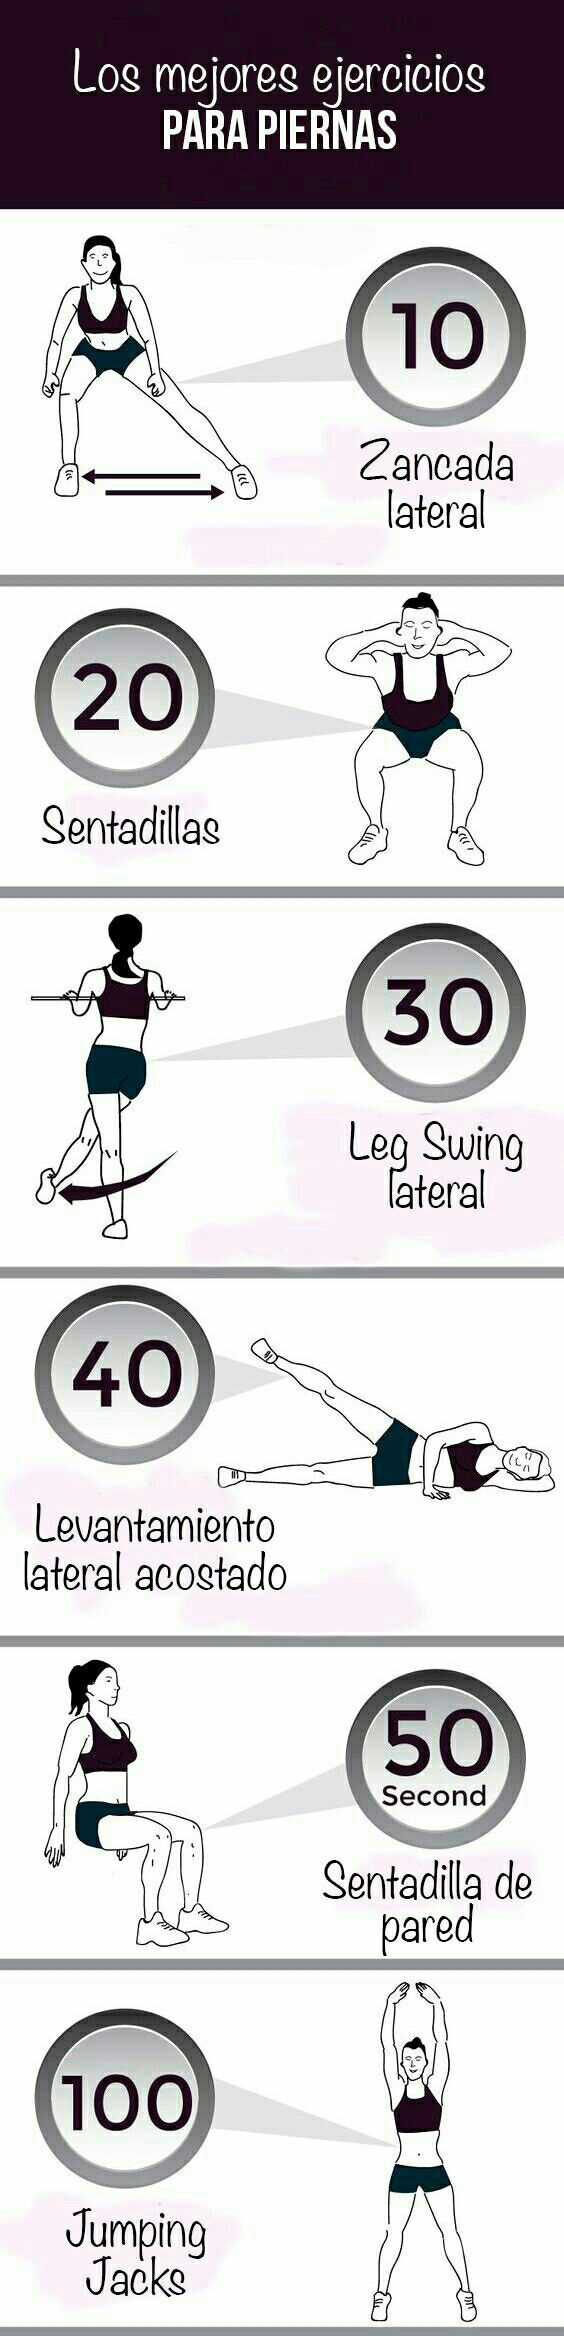 Tonifica tus #piernas con estos #ejercicios que te harán ganar masa muscular. #EjerciciosParaPiernas #EjerciciosEnCasa #TonificarPiernas #EjerciciosPasoAPaso #BajarDePeso